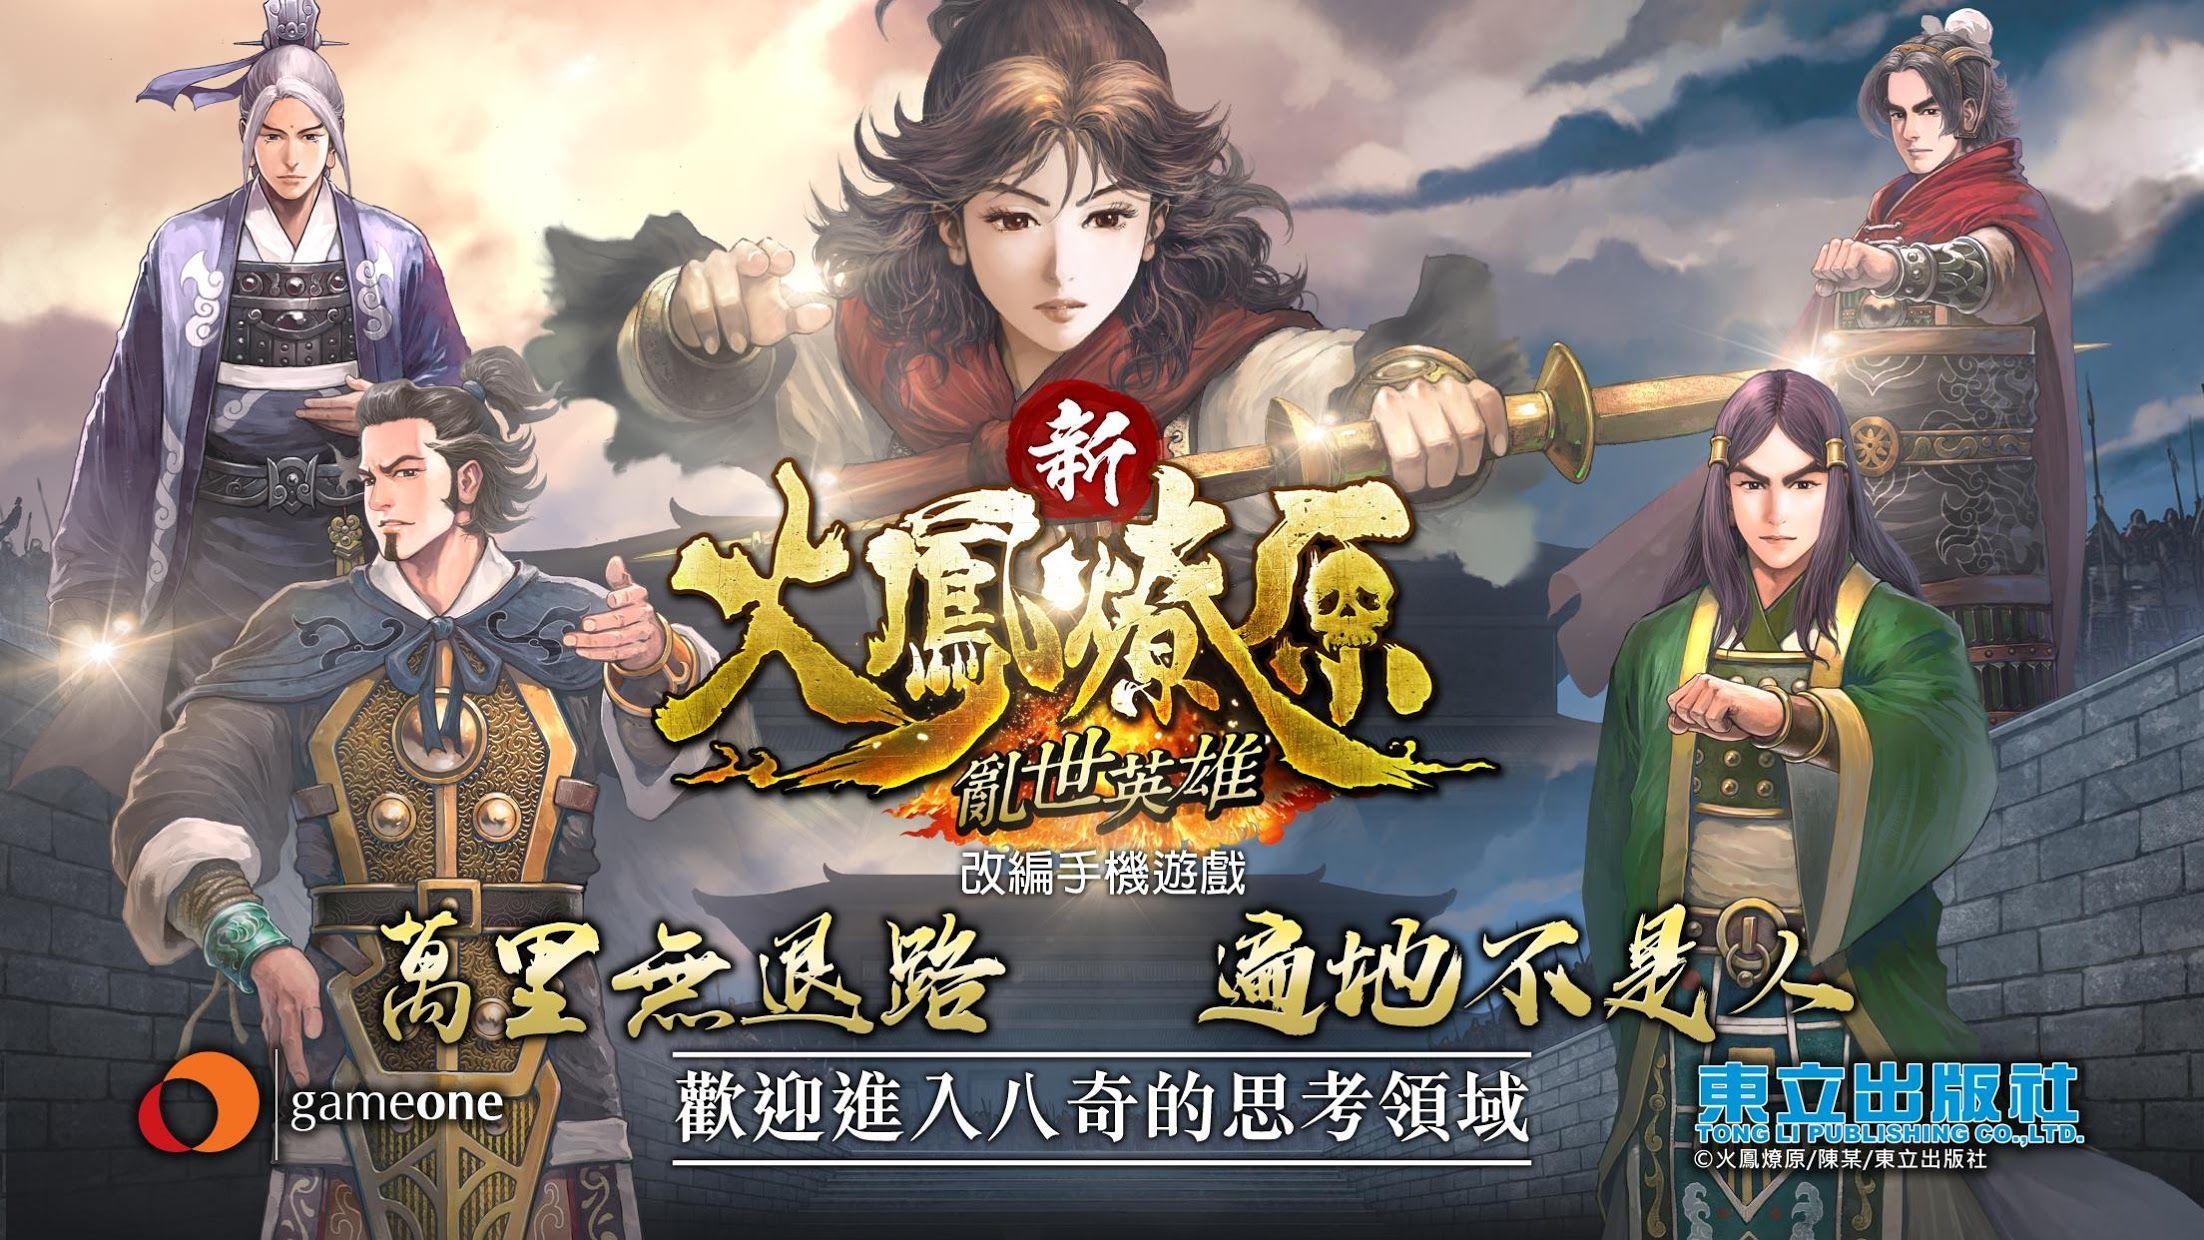 新火凤燎原-乱世英雄 游戏截图1